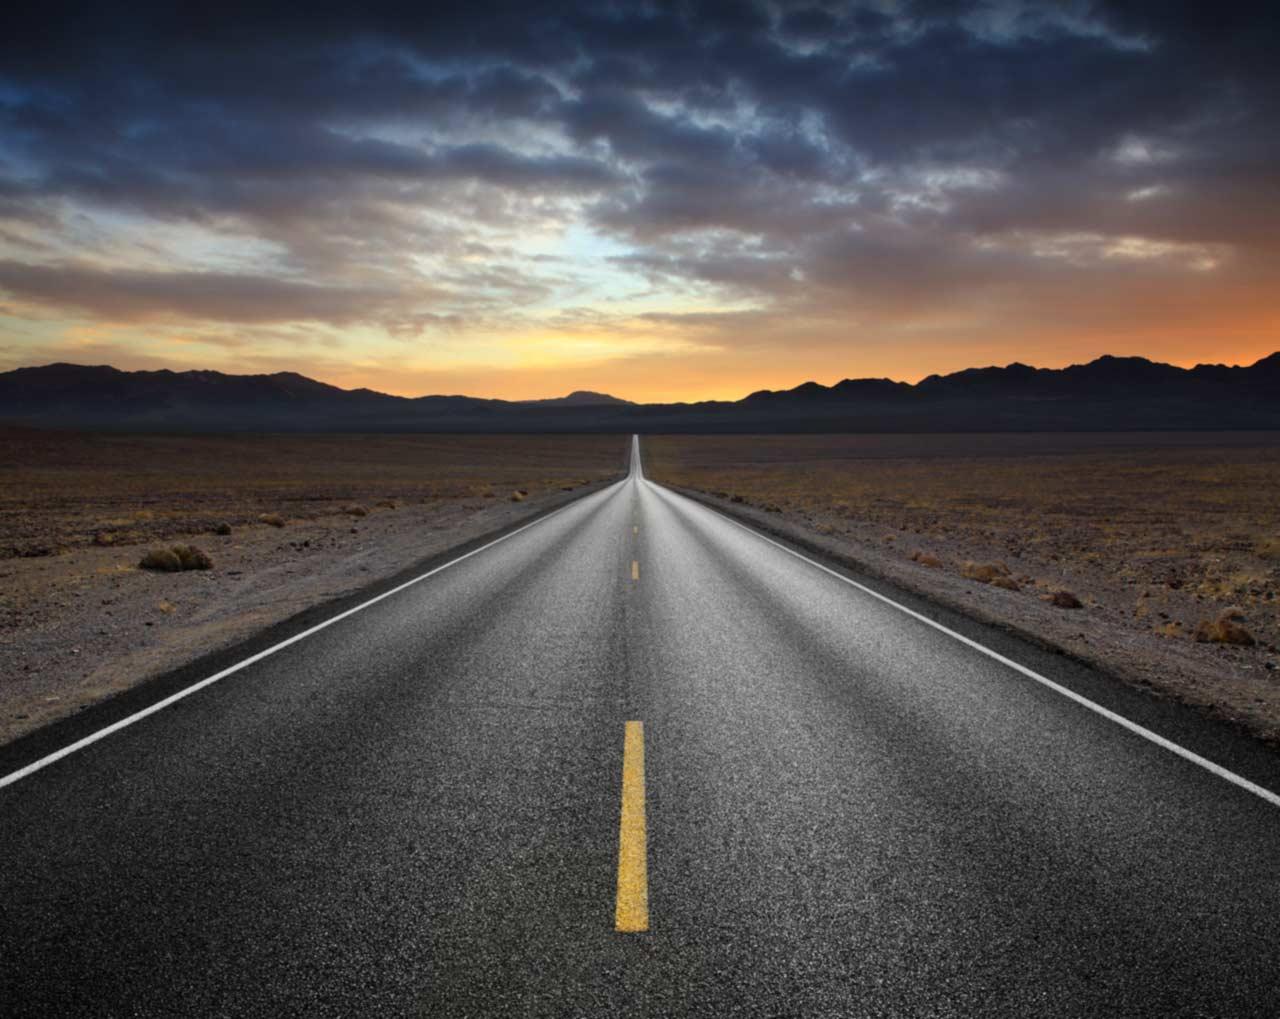 bg_road2.jpg